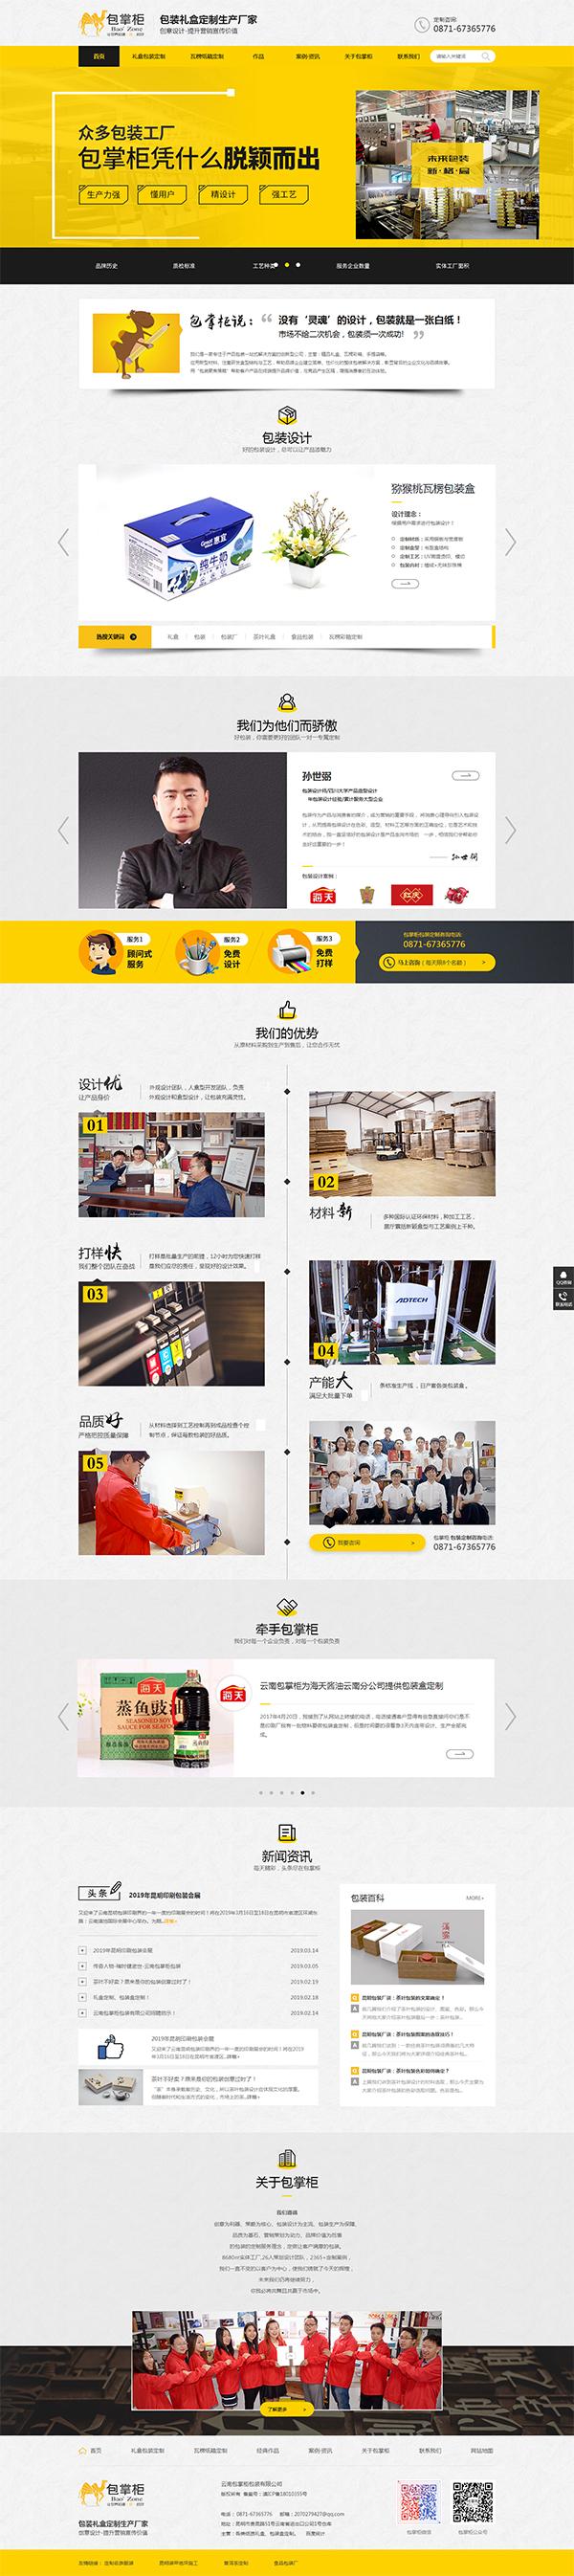 云南包掌柜包装——龙8国际龙88型龙8国际官网首页首页截图